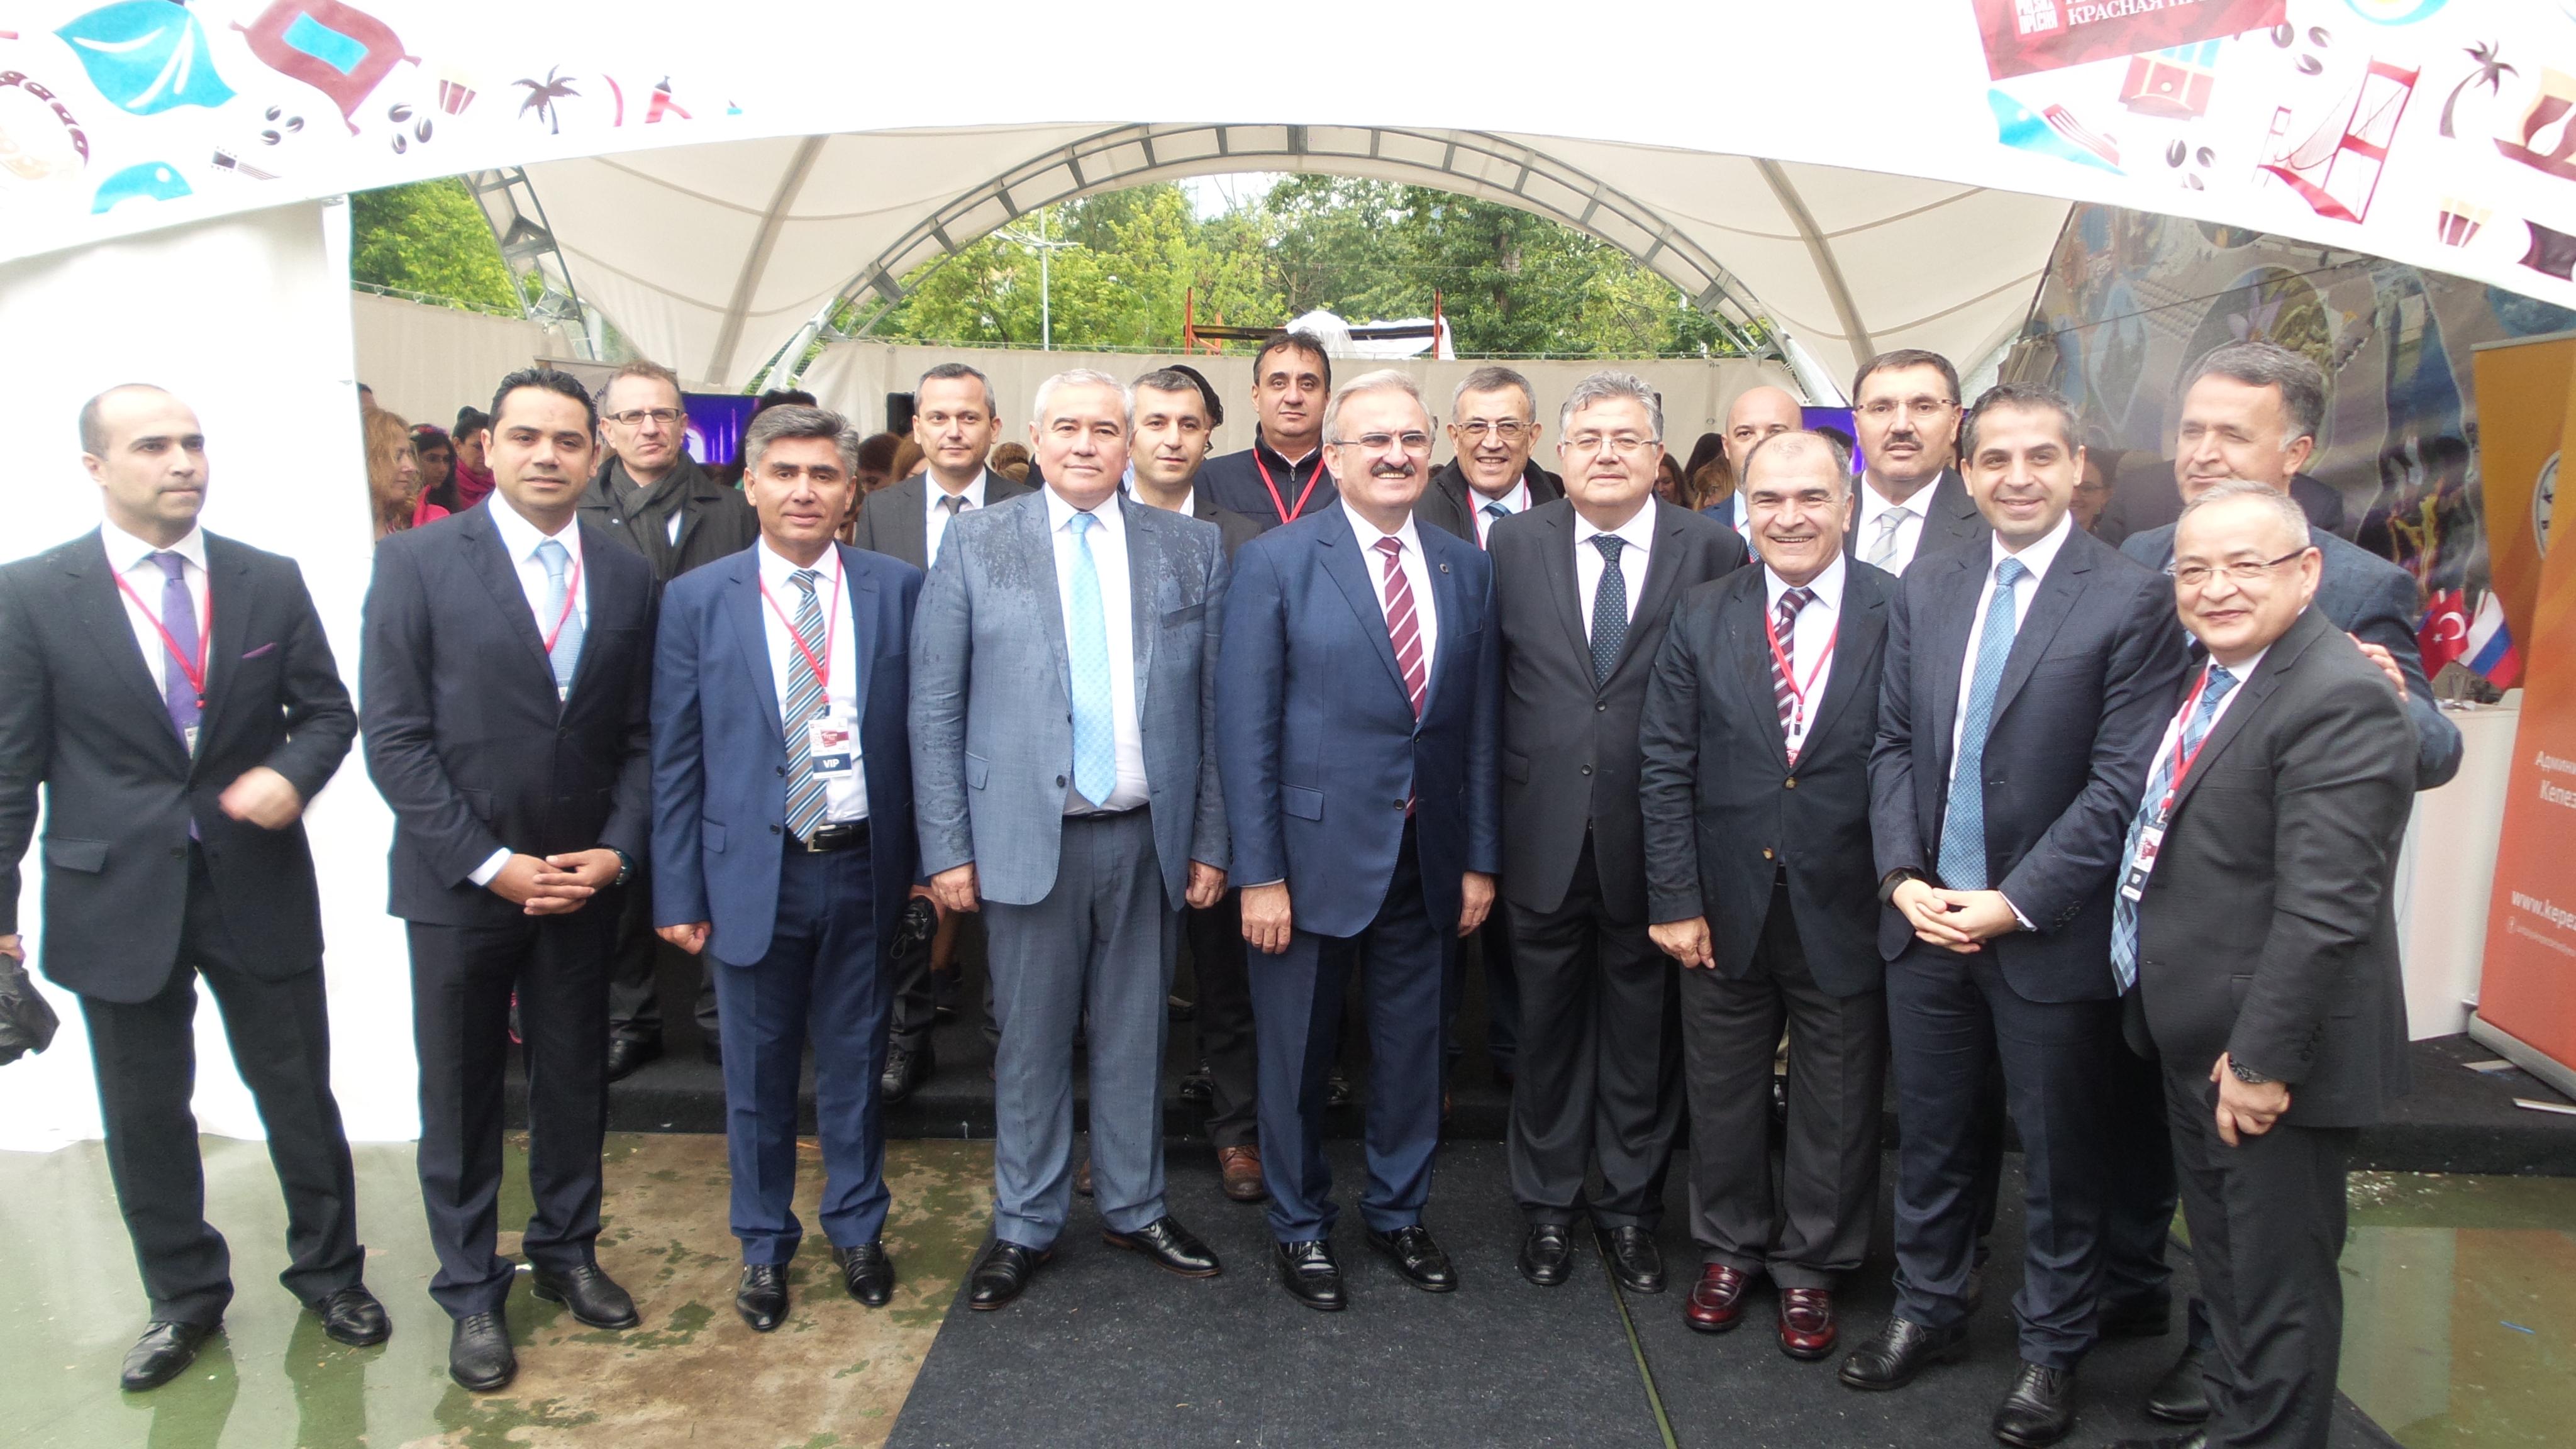 Türkiye Festivali RUusyanın Başkenti Moskova'da başladı